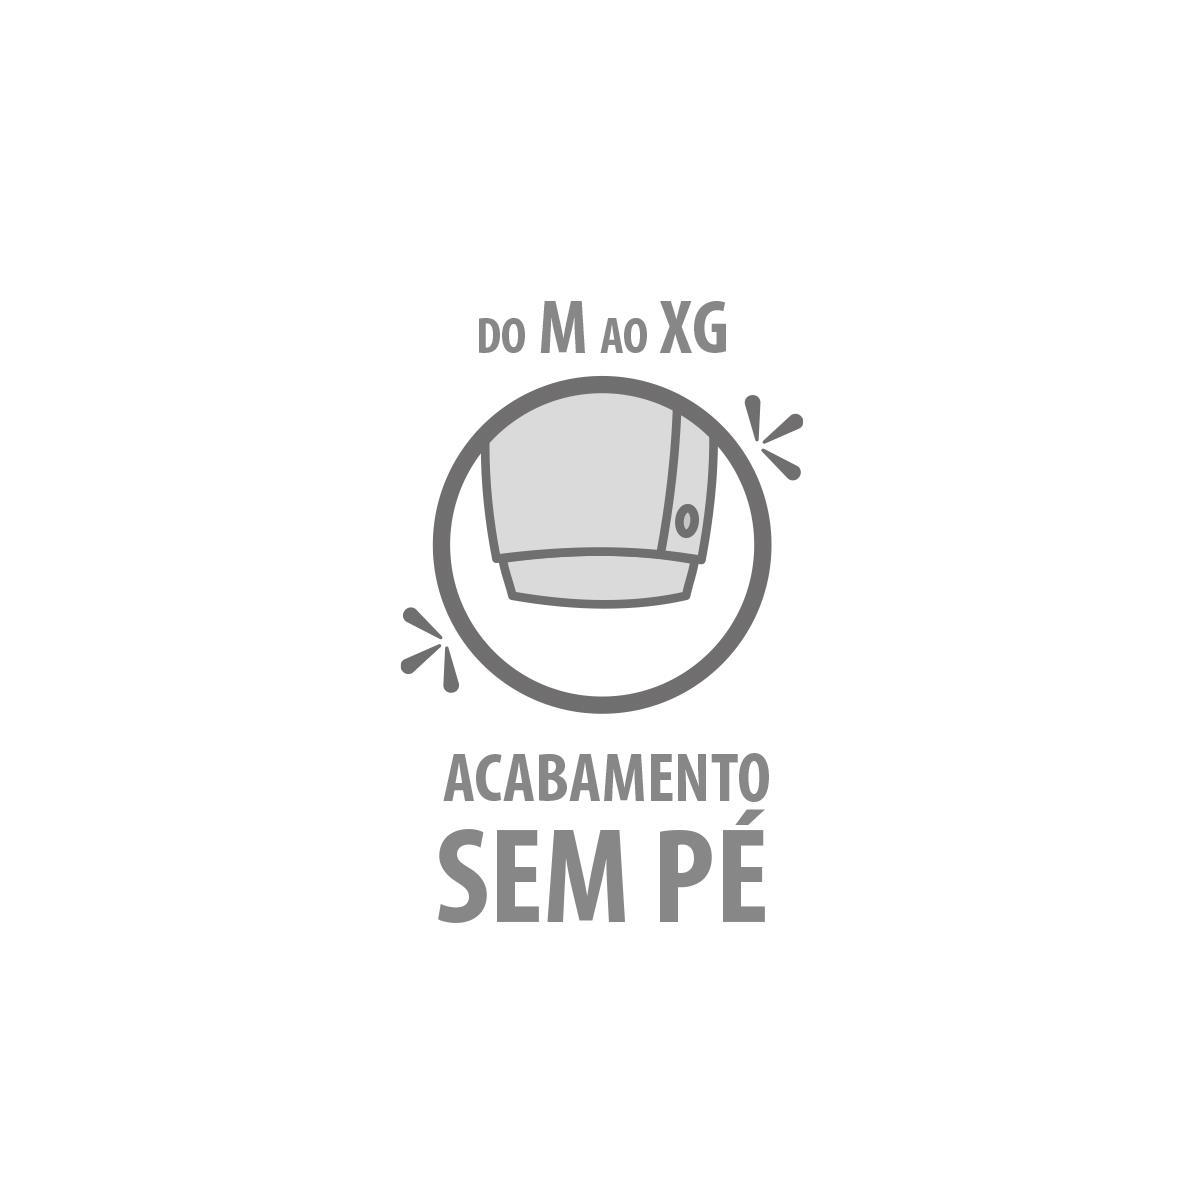 Macacão Básico Chapeuzinho - Tamanhos RN e P com pezinho; M, G e XG sem pezinho  - Piu Blu